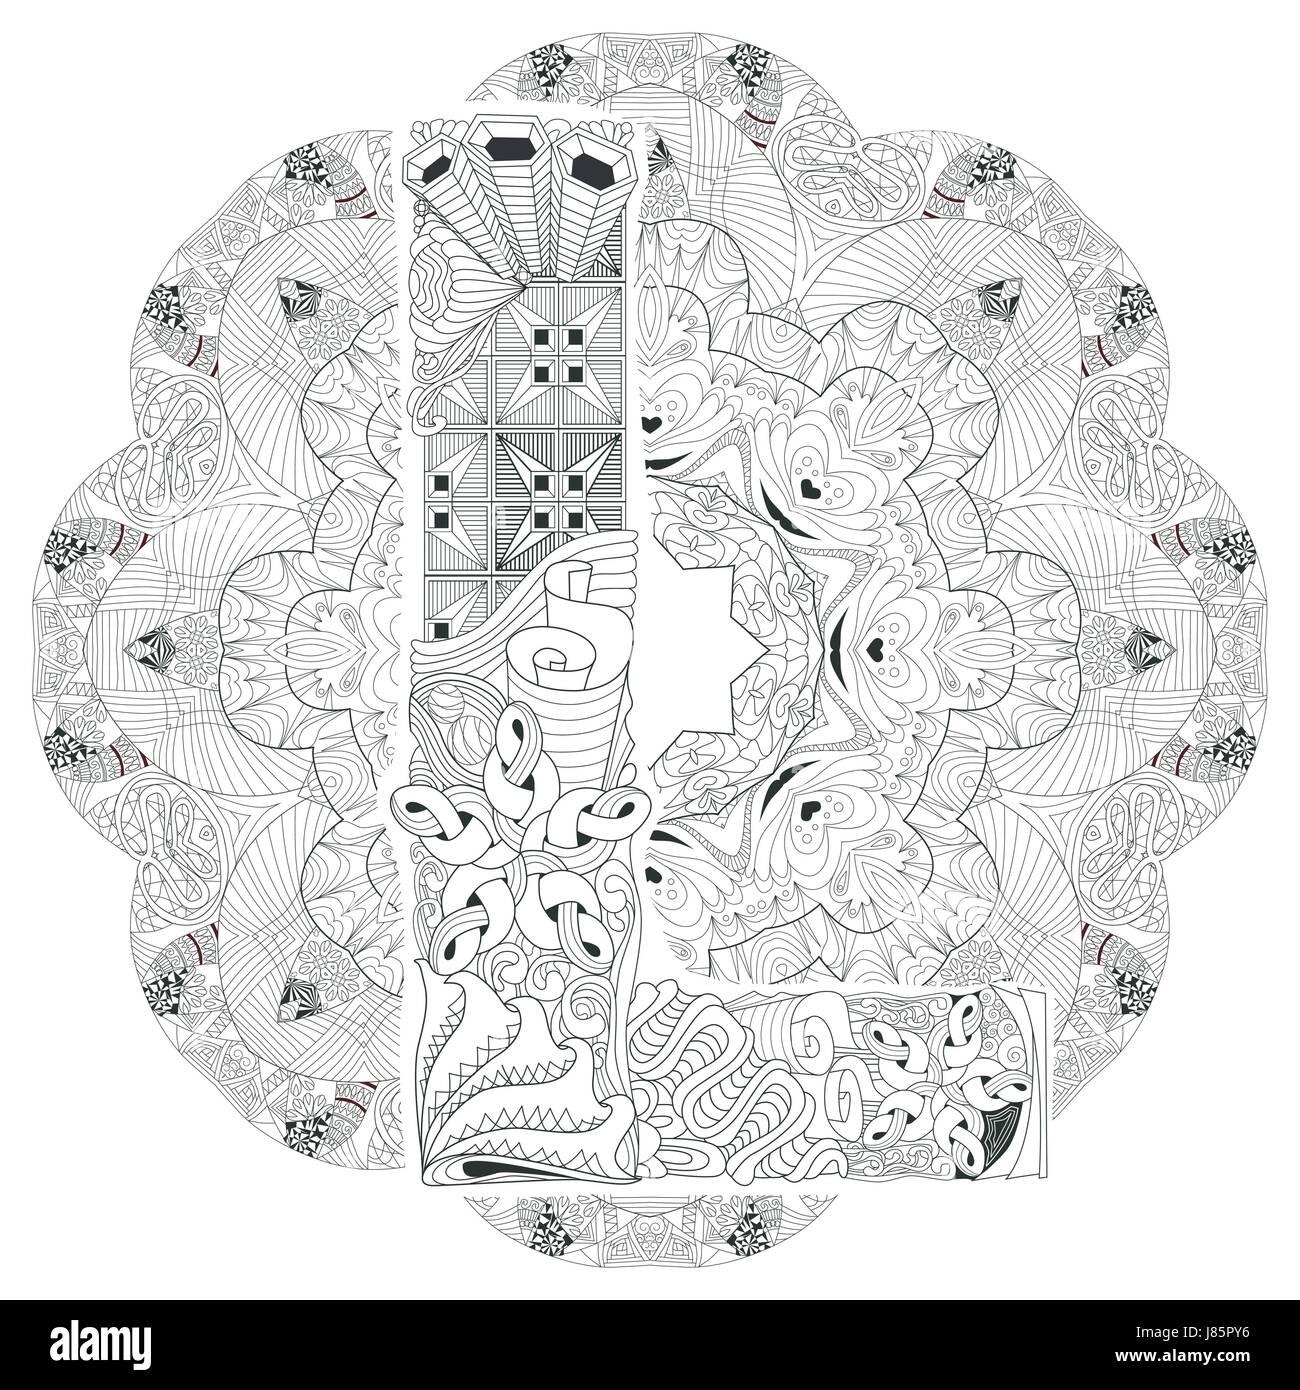 Ungewöhnlich Schwarz Weiß Malvorlagen Von Designs Bilder - Entry ...